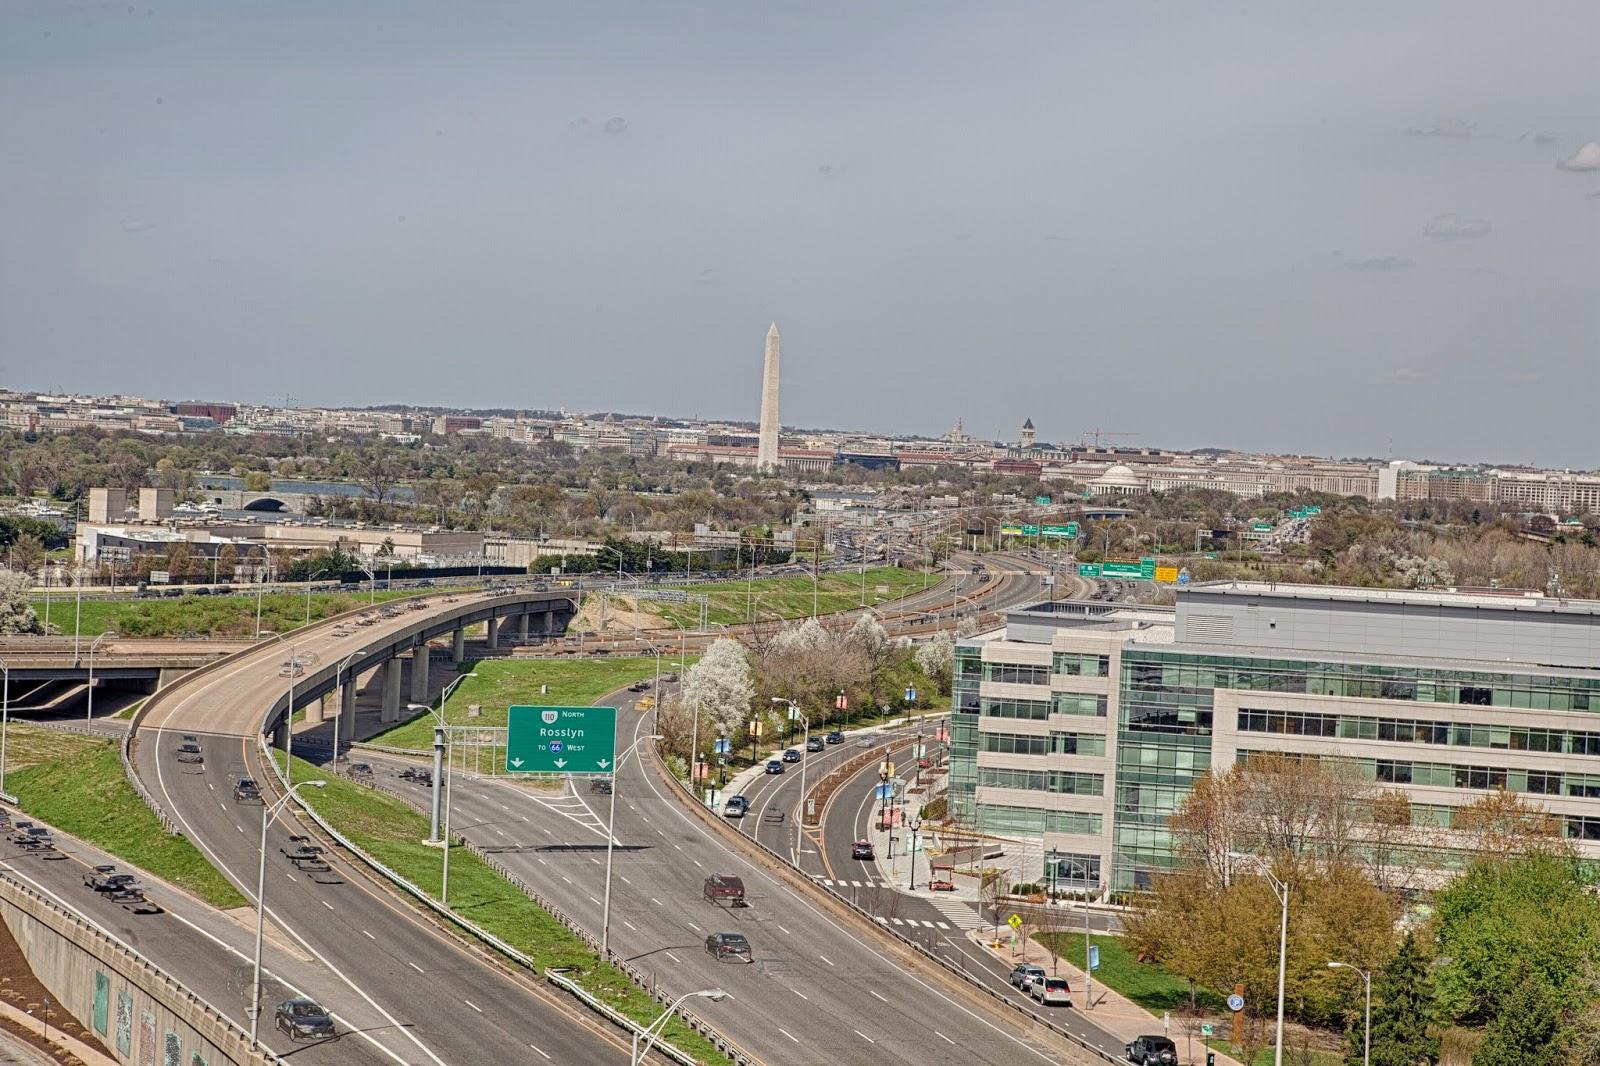 MLS# AR8603939 | 1211 S. Eads Arlington, VA 22202 | Bella Vista Condo with a View of Washington DC, Monuments | Kim Kroner Properties |